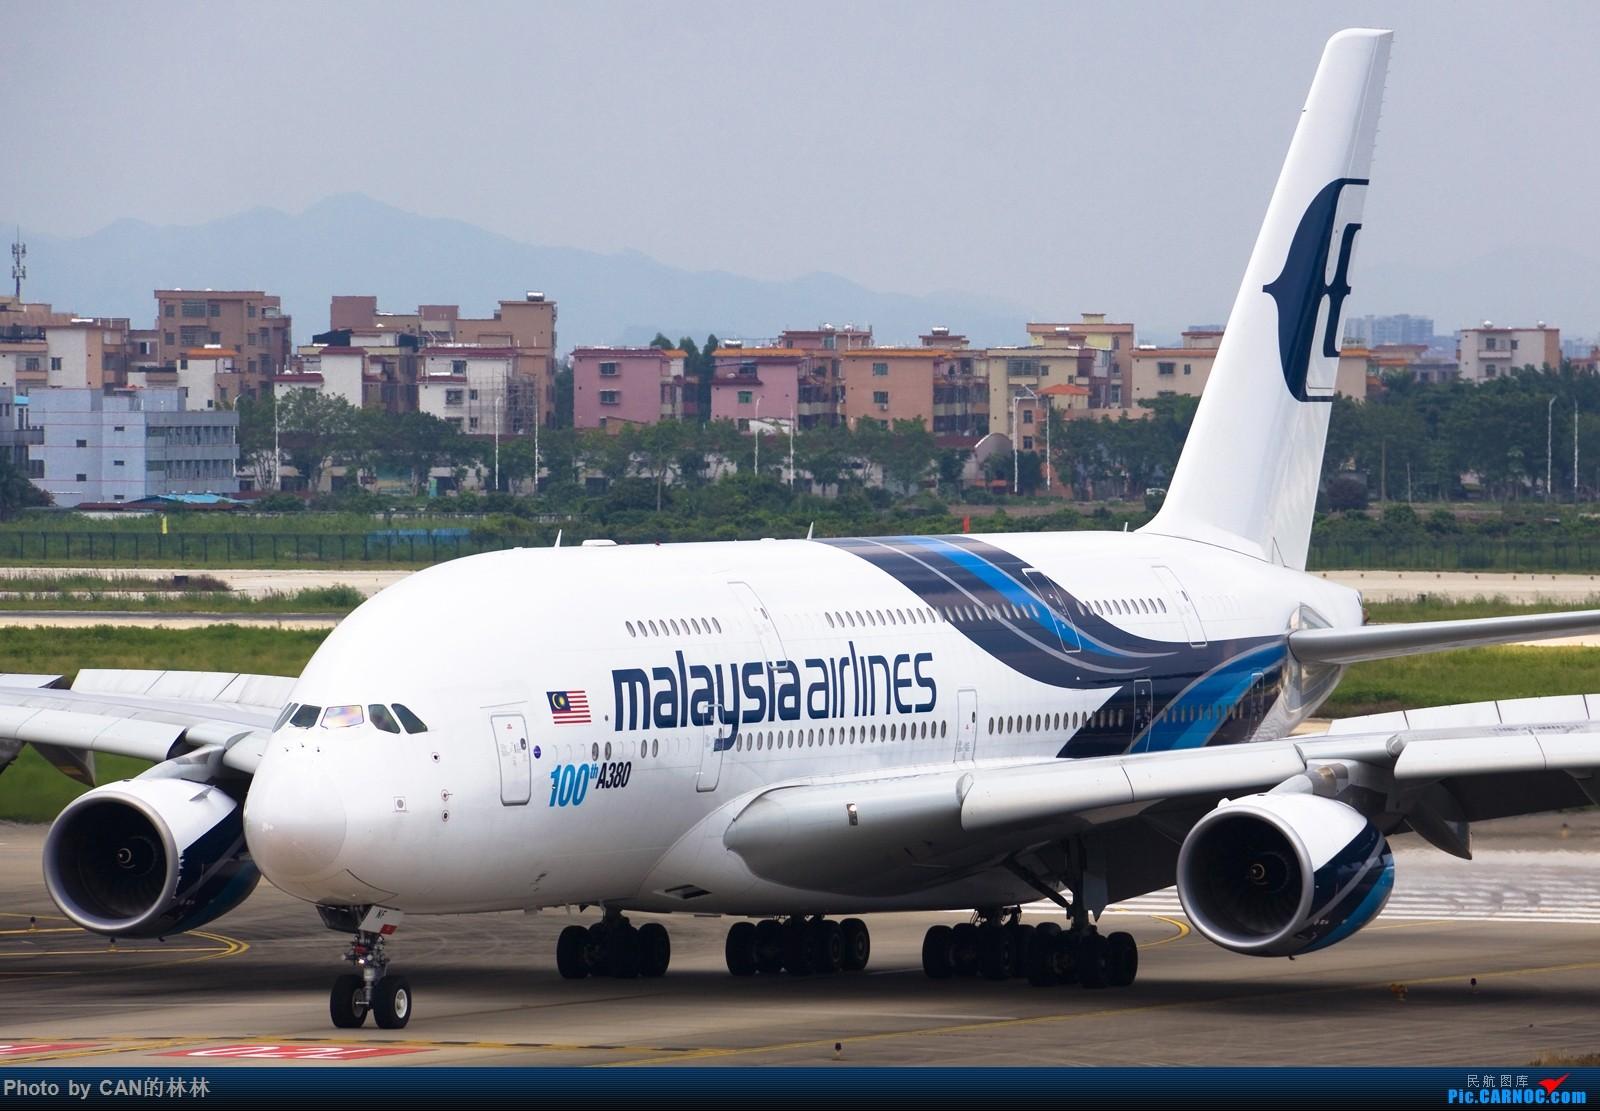 [原创]------巨无霸你好,巨无霸再见------ AIRBUS A380-841 9M-MNF 广州白云国际机场